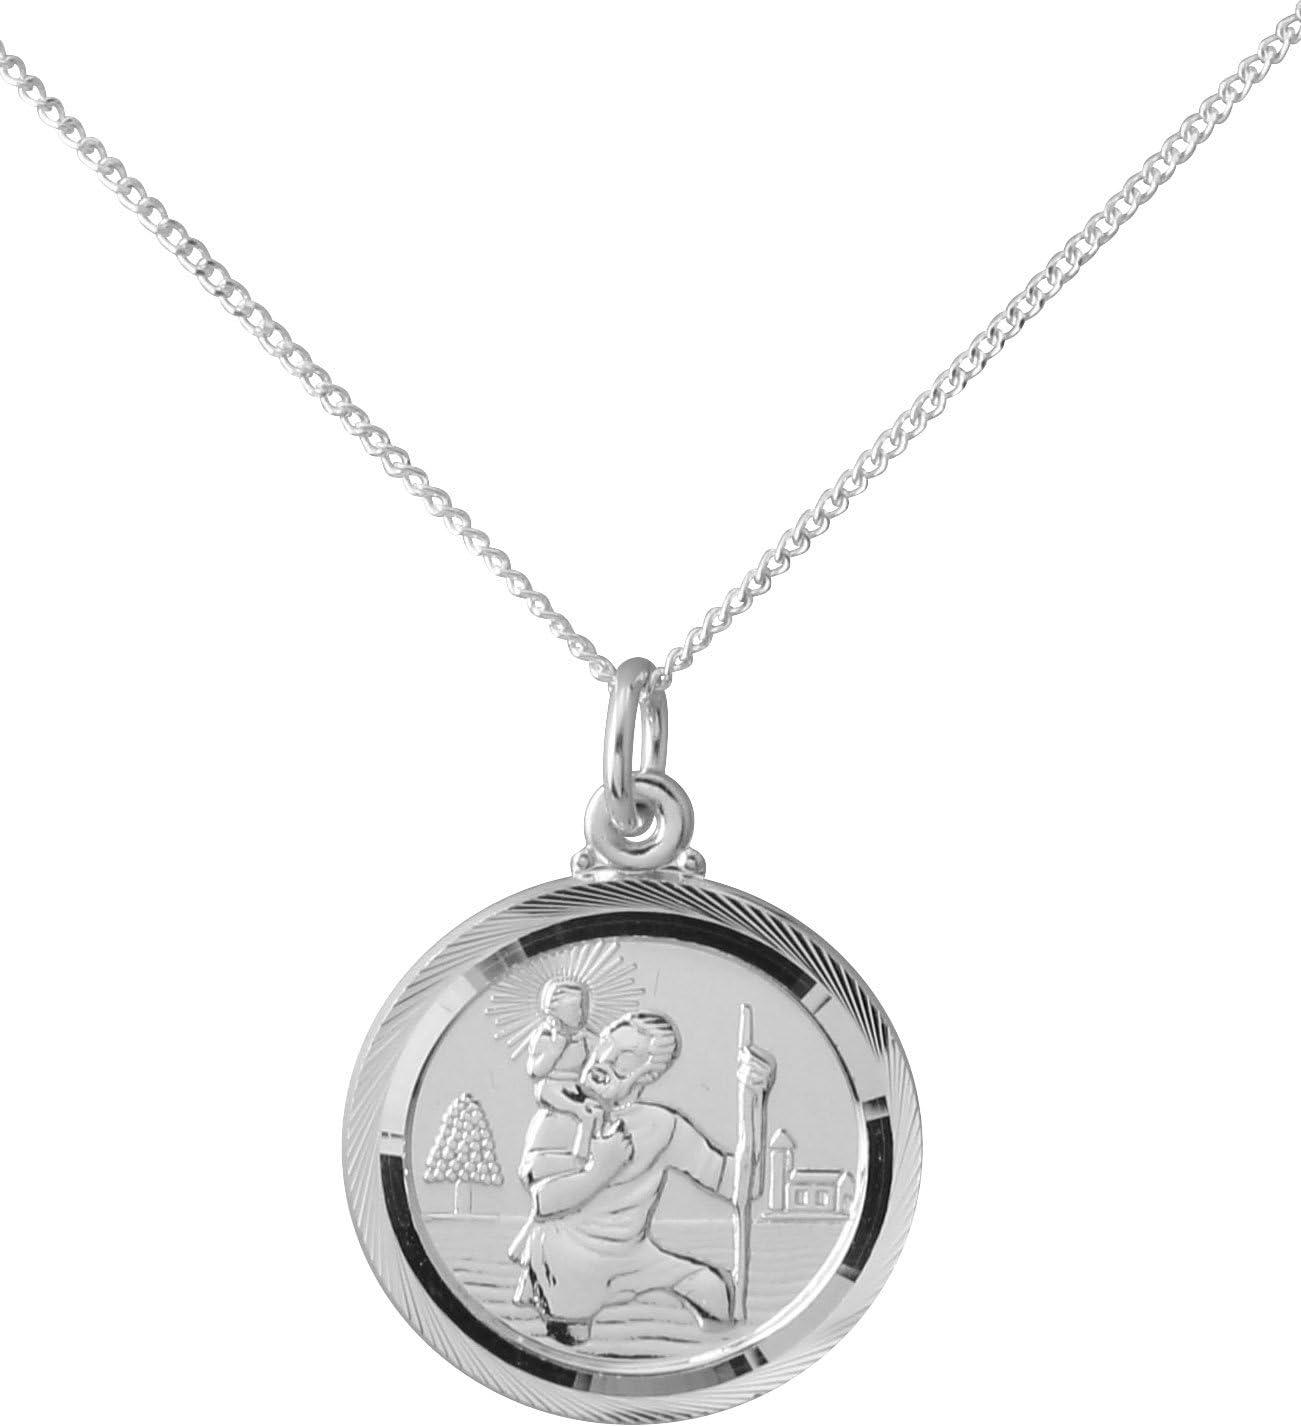 Medalla de San Cristóbal de plata de ley con detalles de sello 925. Decorado en la parte delantera y trasera. Regalo ideal para nacimiento, bautizo o confirmación, con estuche de presentación